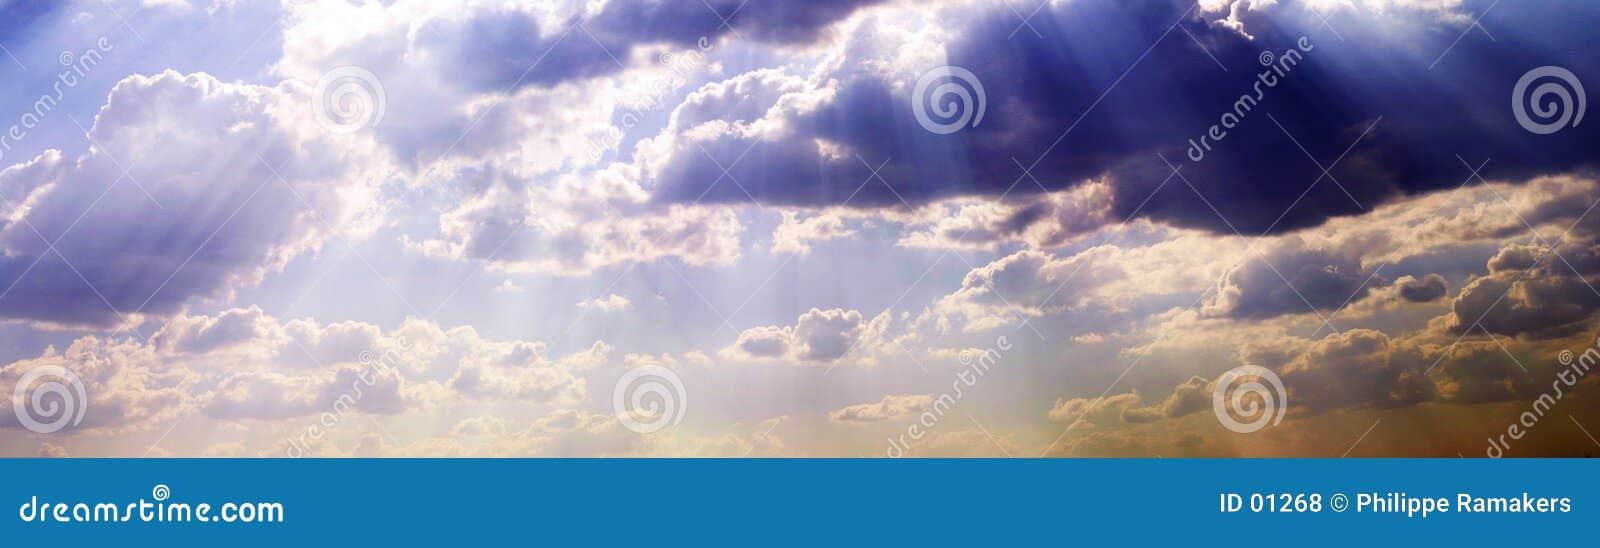 Ciel large avec des nuages